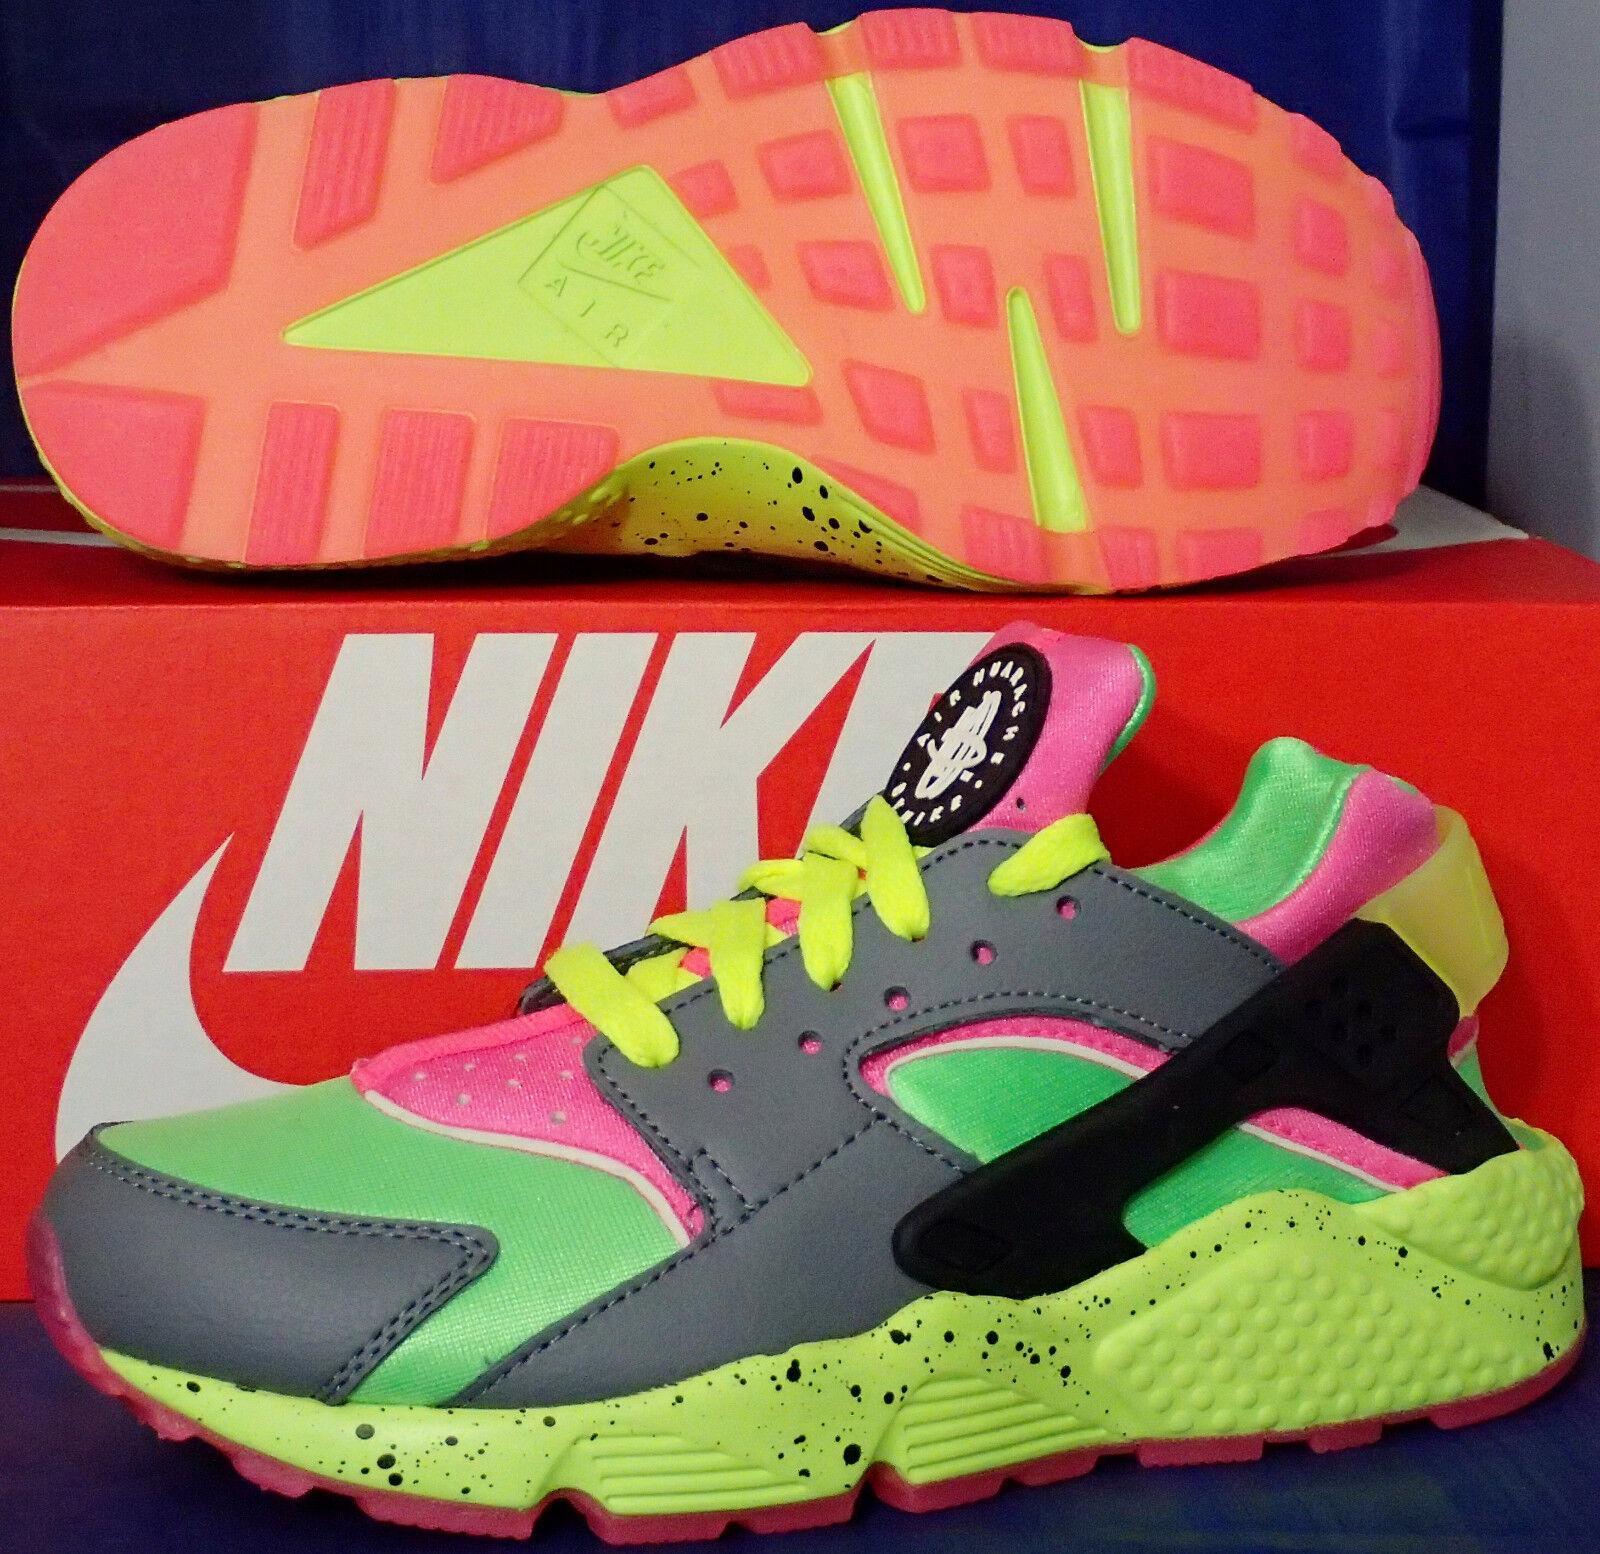 femmes Nike Air Huarache Run iD Cool Gris Volt Voltage Green SZ 6.5 #777331-994